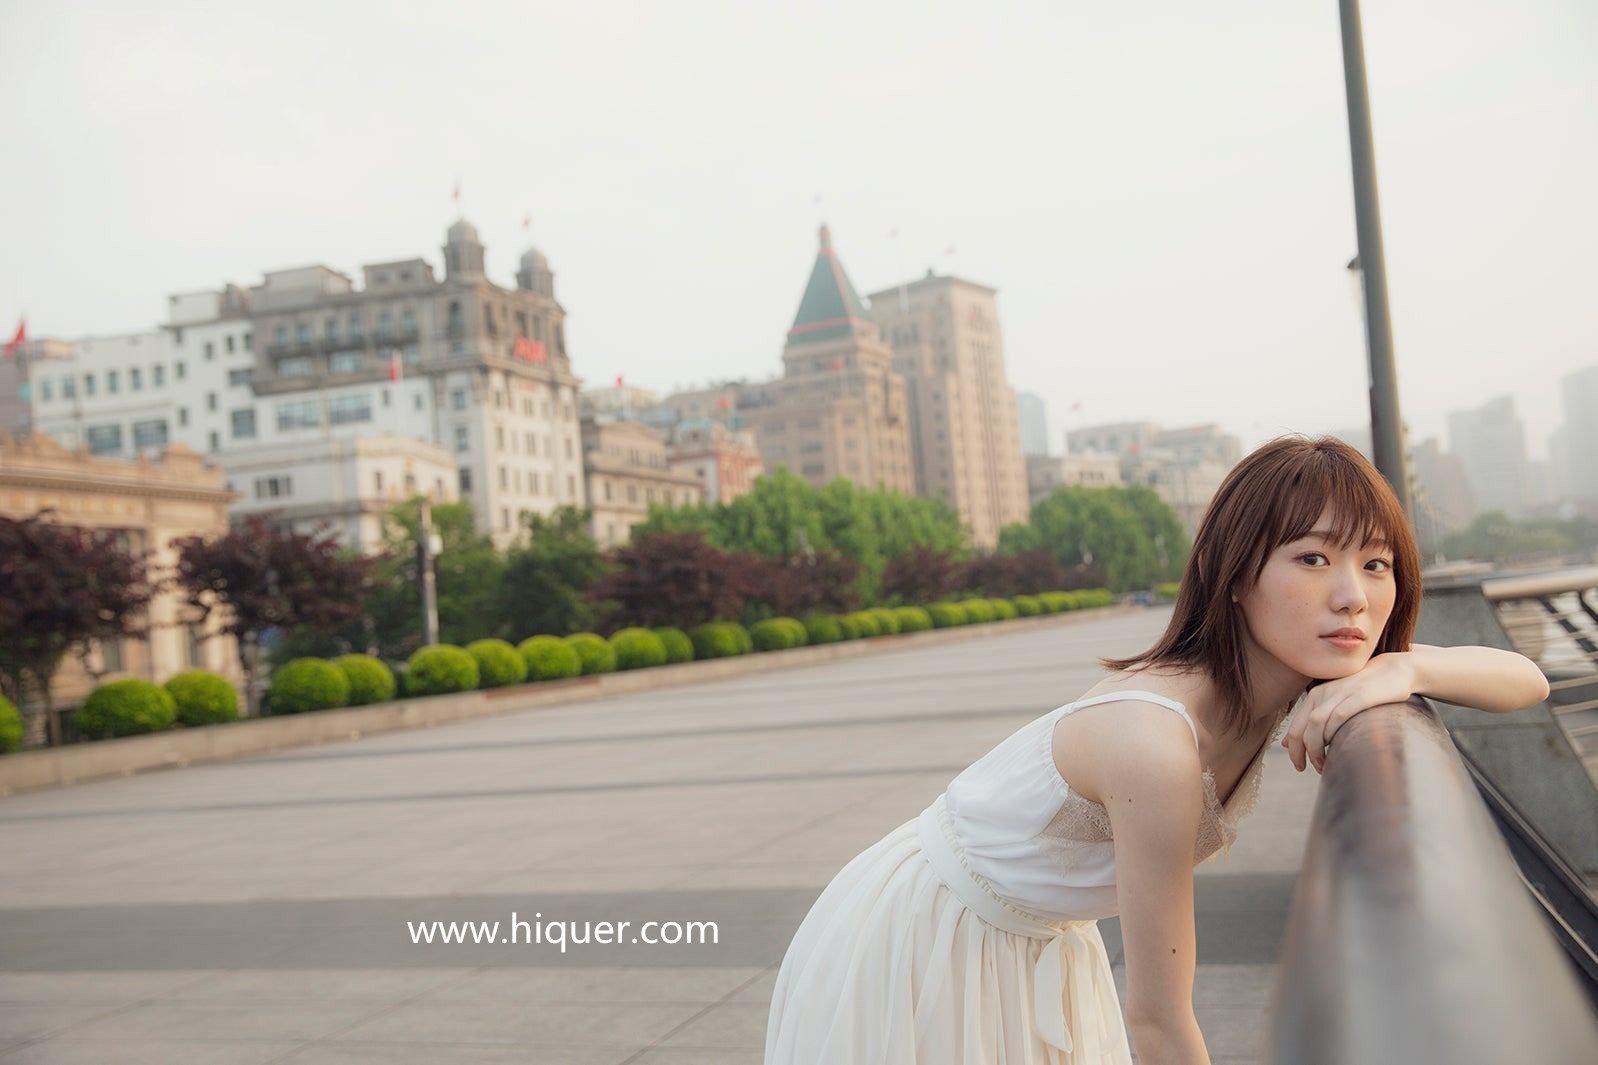 小池美波首部写真集将发售:在上海的公园里和大爷大妈打太极拳?! 福利吧 第1张